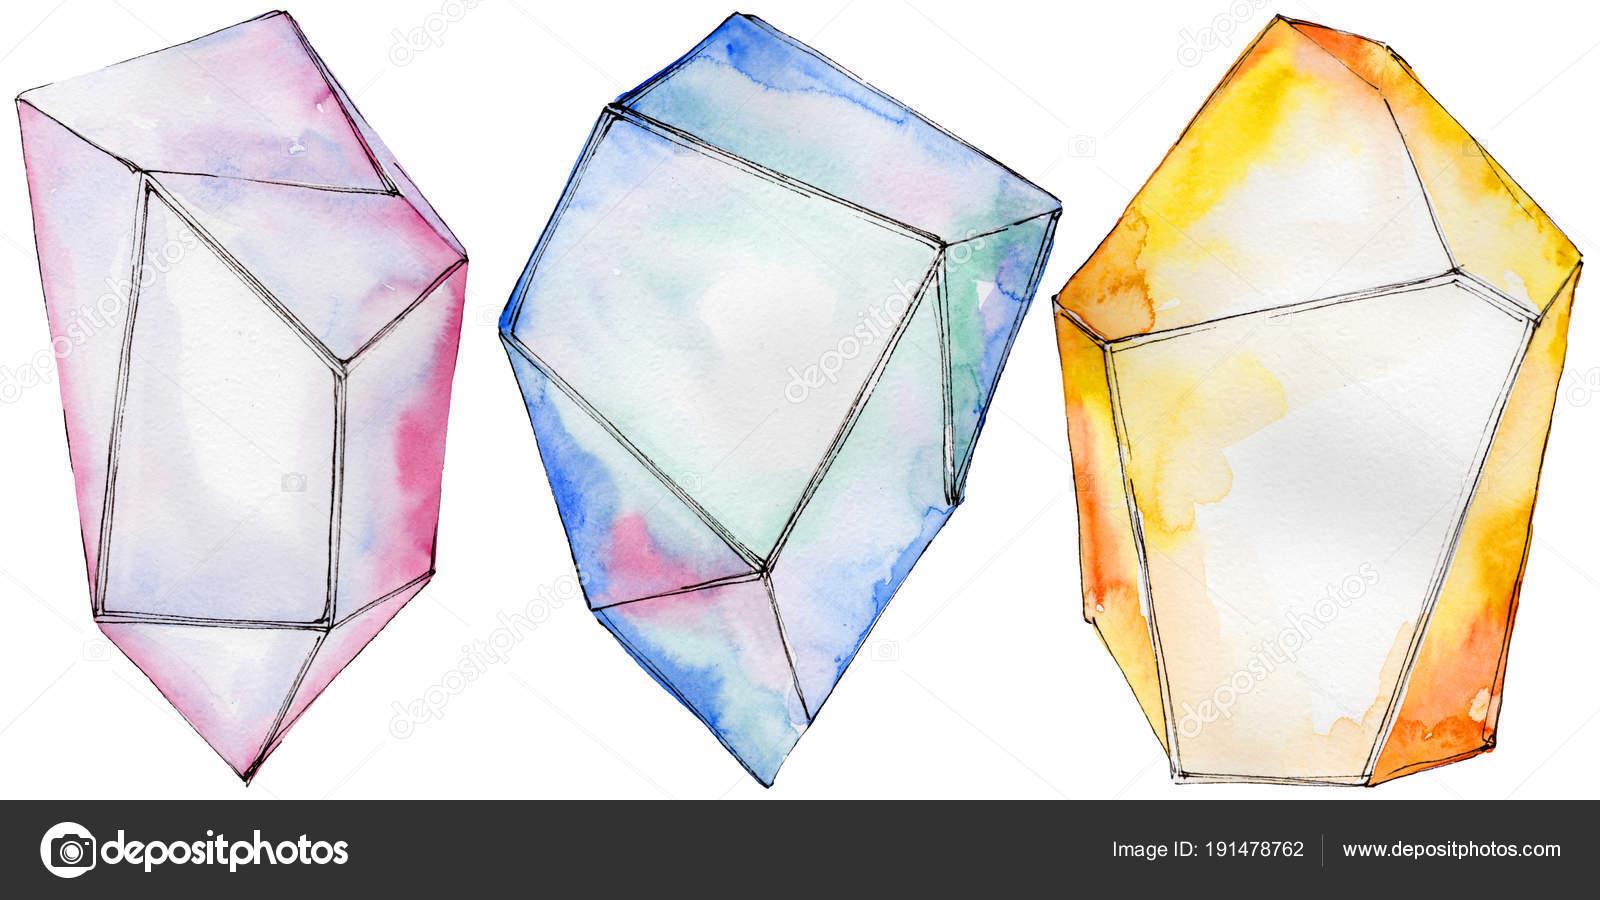 2551f0b06 Színes gyémánt rock ékszerek ásványi — Stock Fotó © MyStocks #191478762